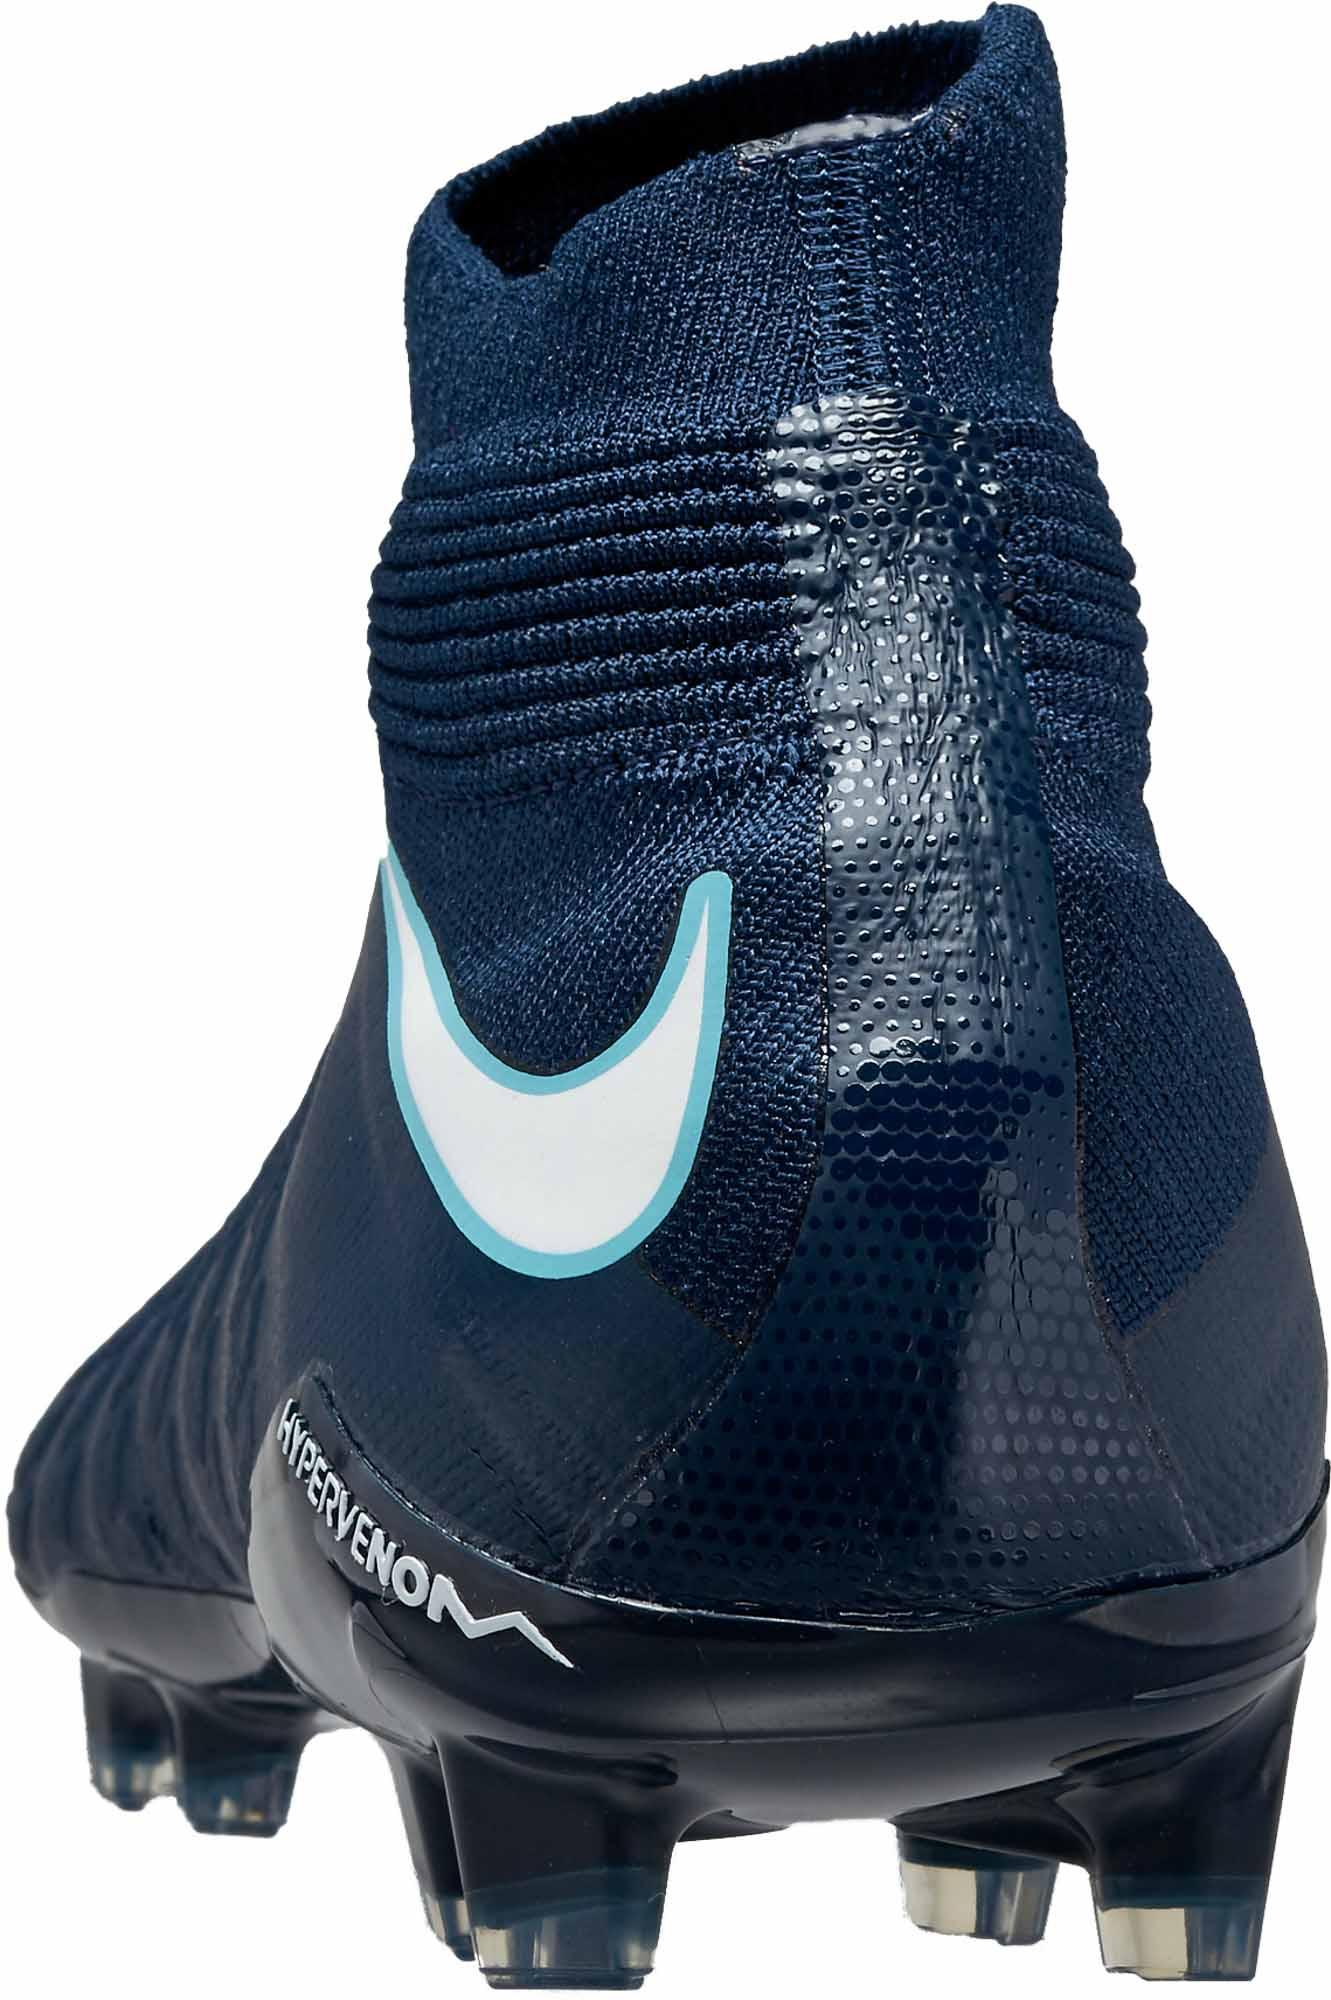 8474d54ba58 Nike Kids Hypervenom Phantom III FG - Obsidian   White - Soccer Master